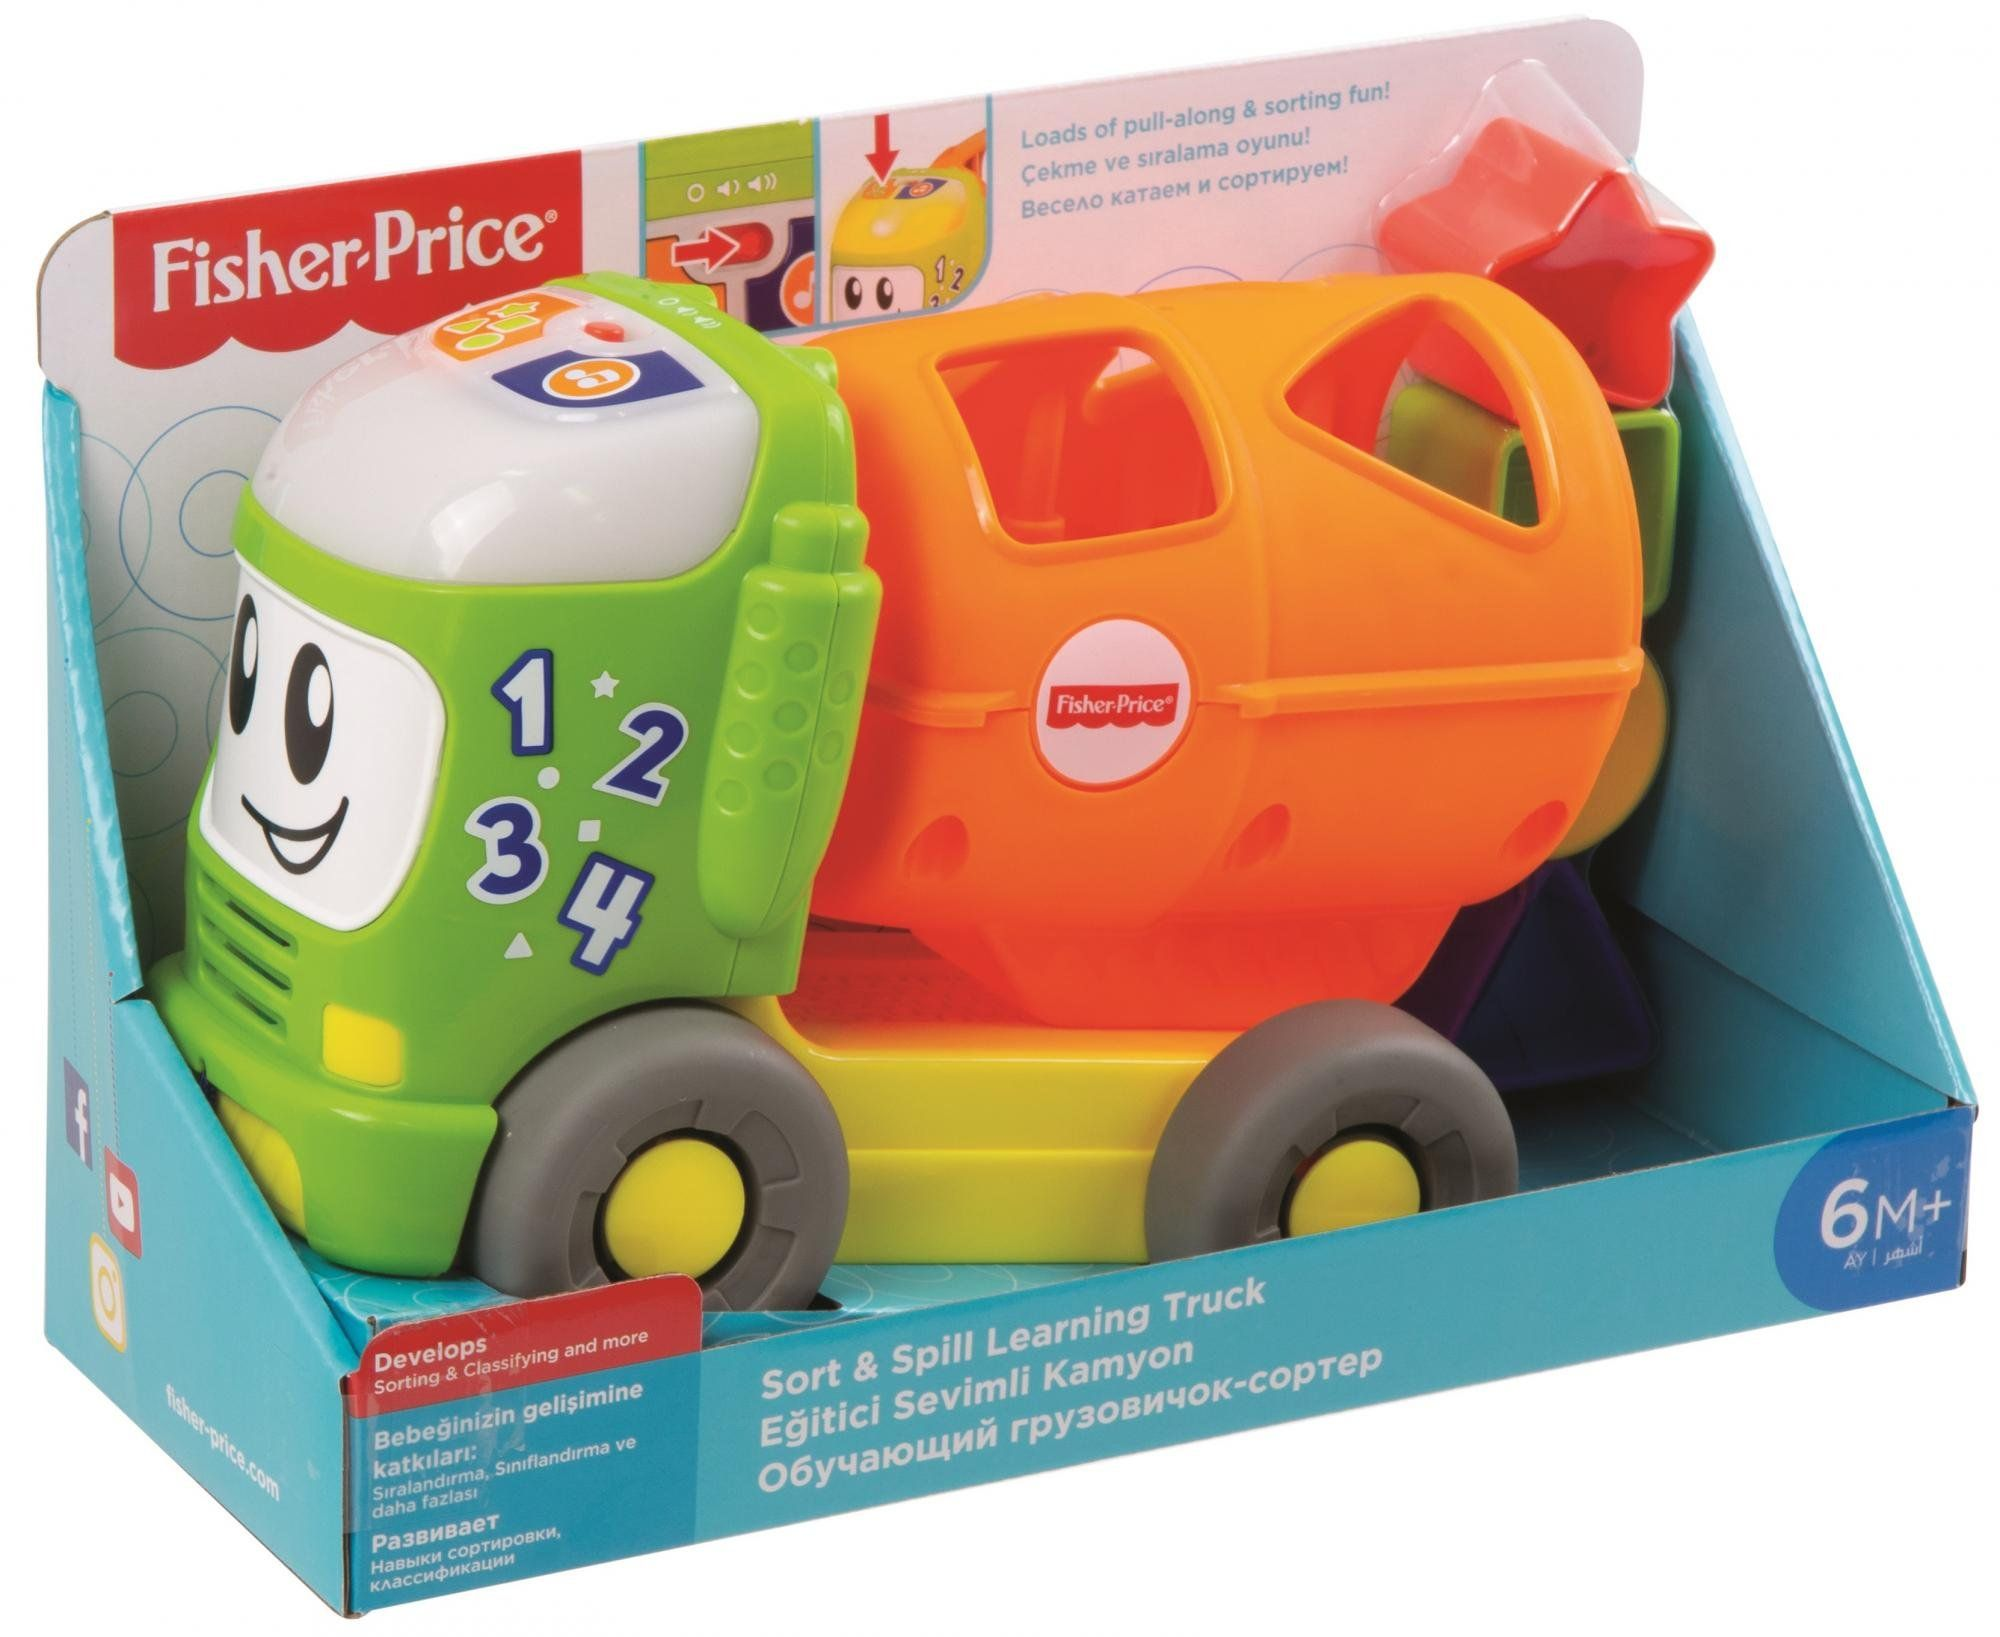 Fisher Price Fisher-Price Hudební autíčko vkládačka GFY41